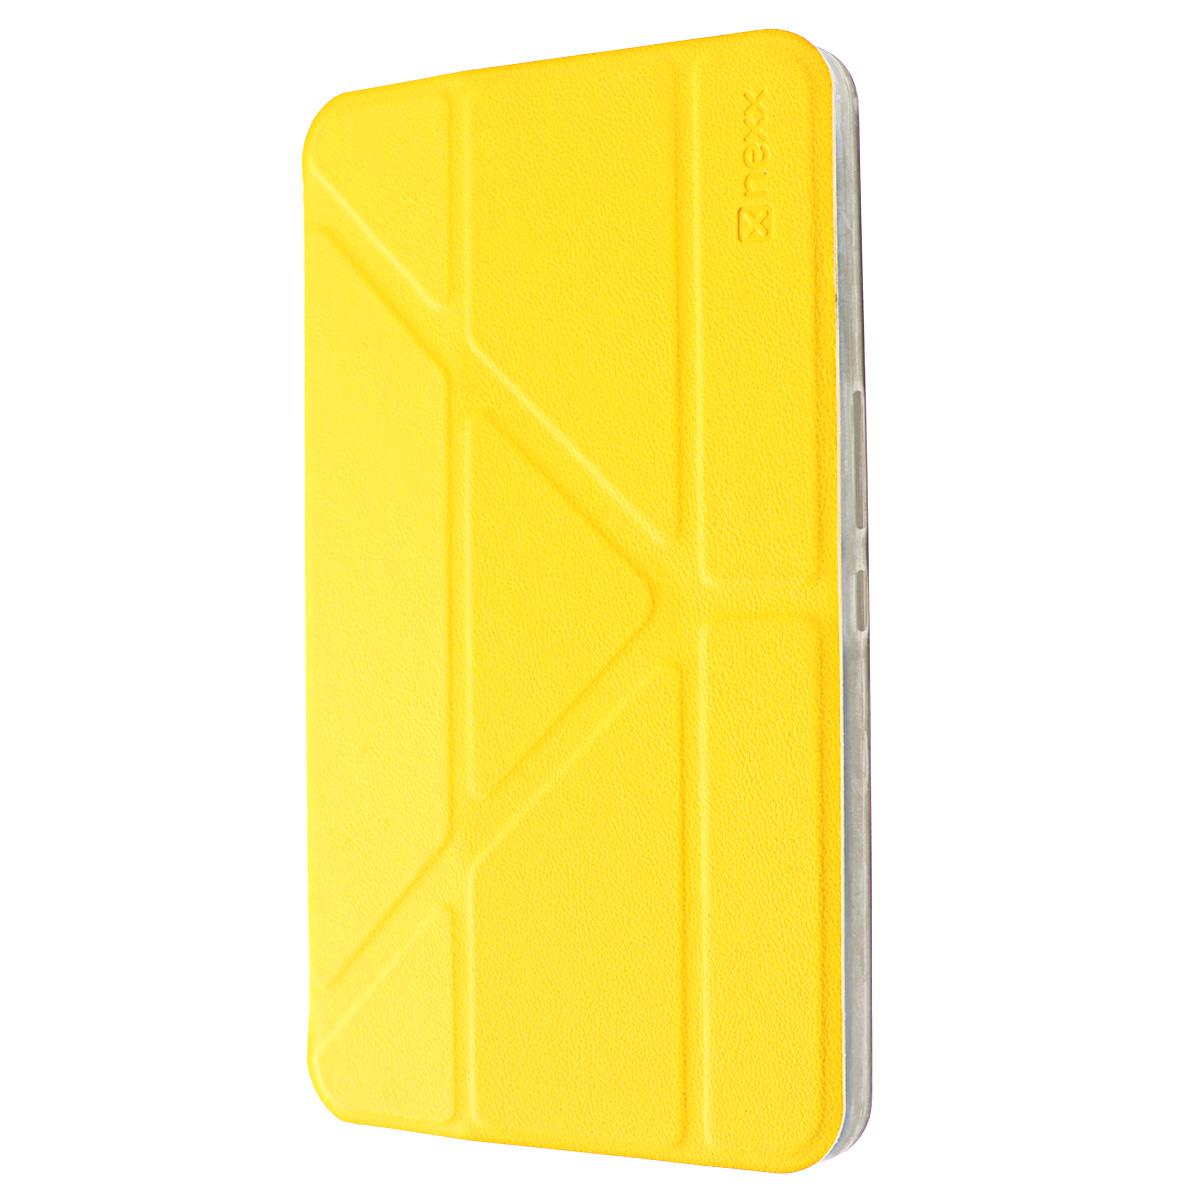 Nexx Smartt чехол для Huawei Mediapad X1, YellowNX-TPC-ST-800-YLЗащитный чехол Nexx Smartt для Huawei Mediapad X1. Коллекция чехлов Smartt сочетает в себе функциональность и надежность. Особенностью чехла является его способность принимать форму вашего планшета и сливаться с ним воедино, практически не увеличивая вес и габариты. Конструкция крышки чехла со встроенными магнитами позволяет разместить смартфон в удобном положении.